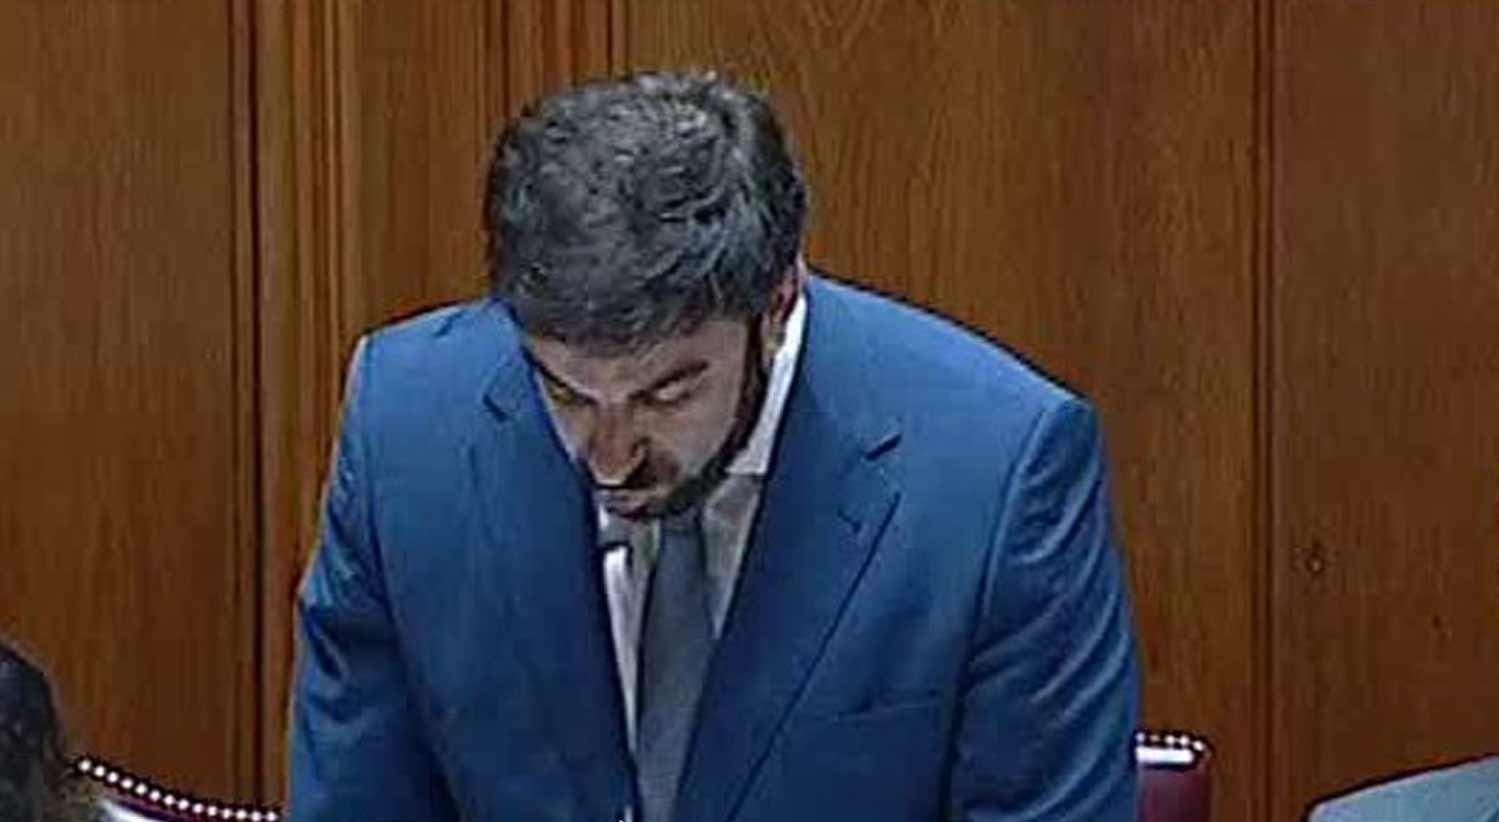 Ministro desmente conhecimento de falsa declara��o de habilita��es